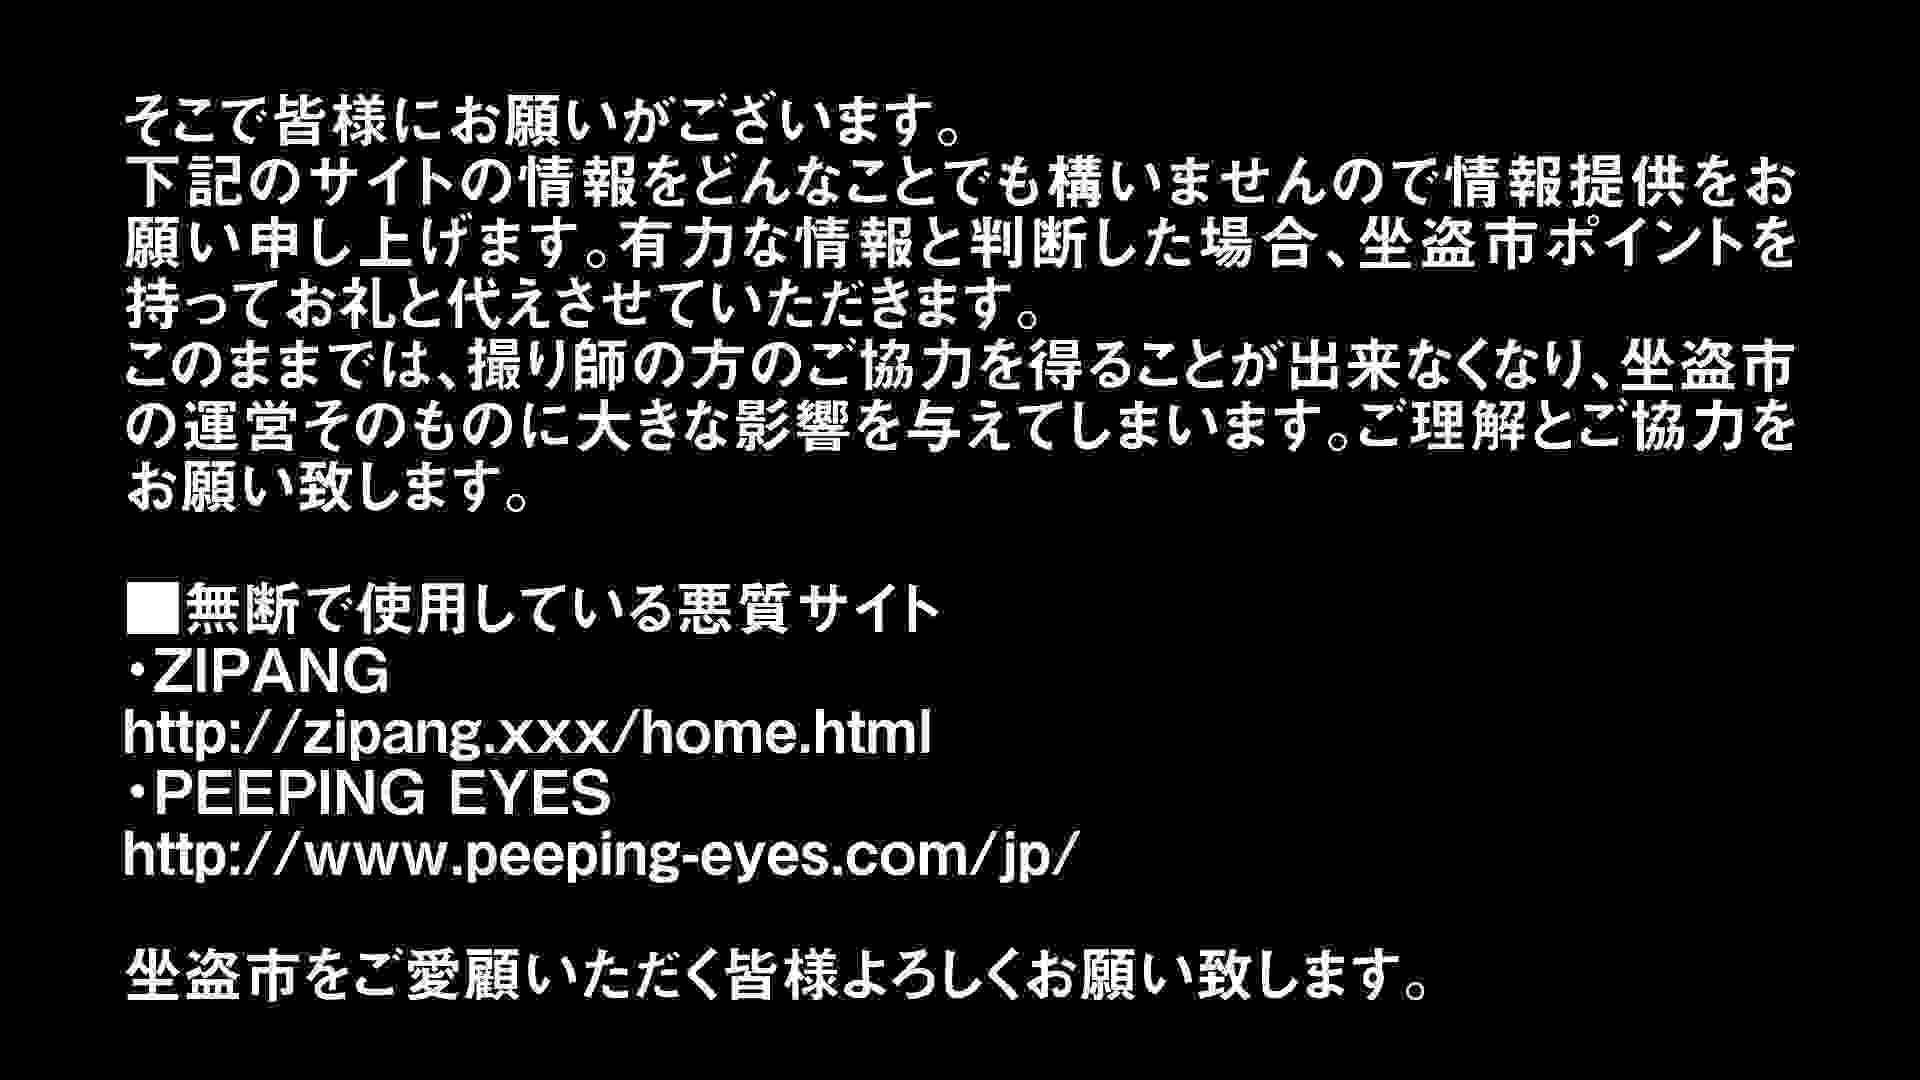 Aquaな露天風呂Vol.300 盗撮 | 露天風呂  83連発 31